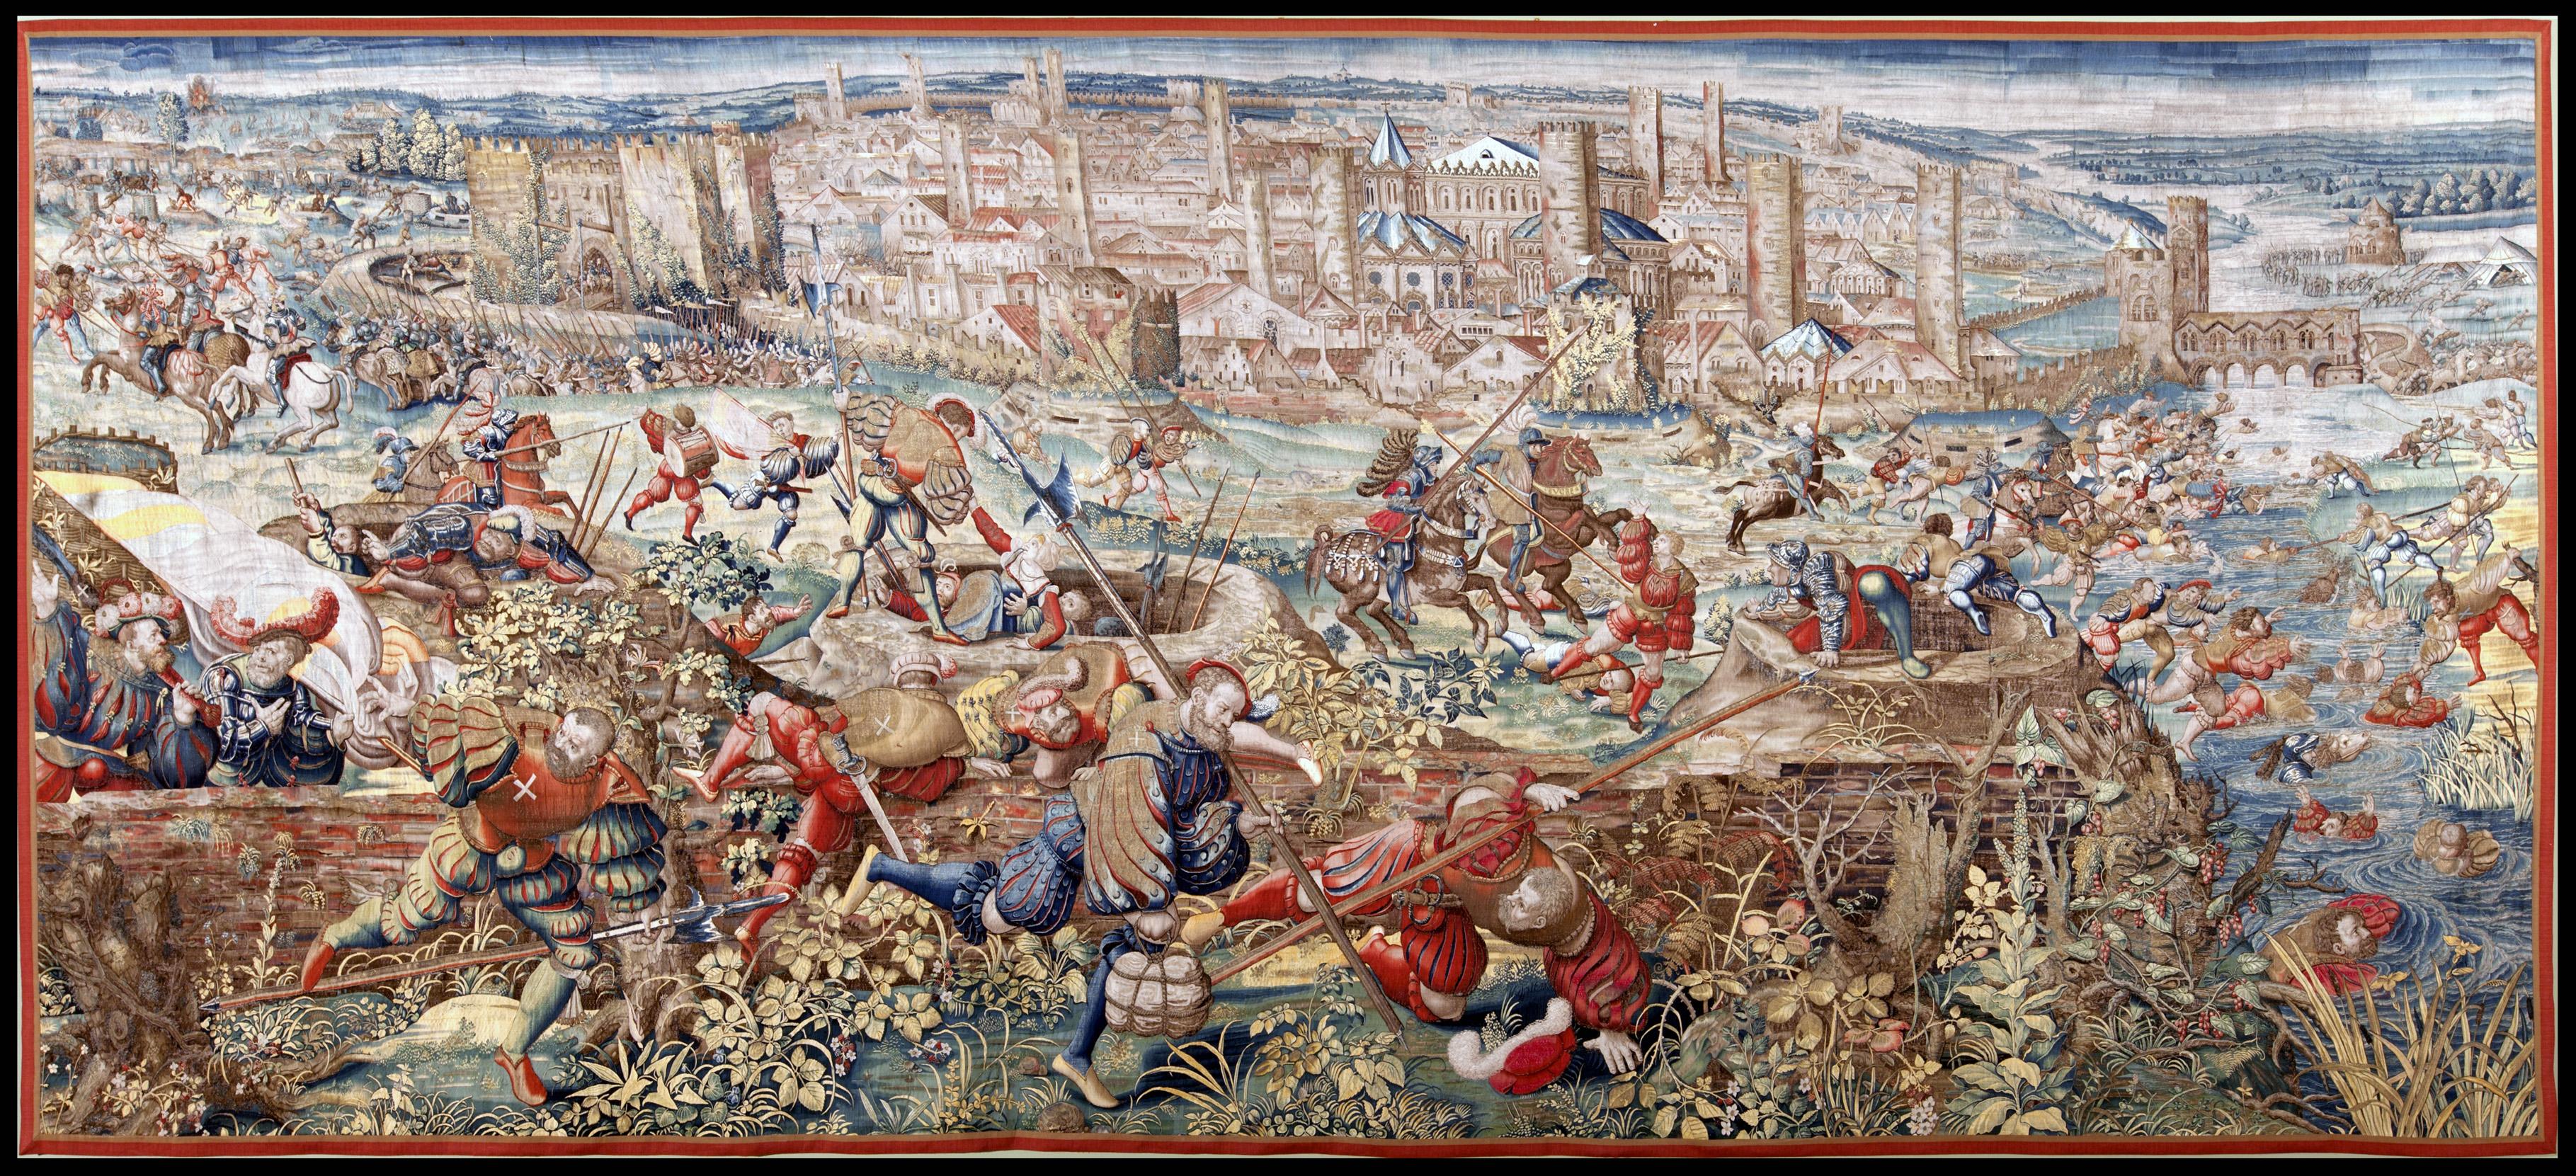 23 settembre - Conferenze. Attività Collaterali. 1525-2015. Pavia, la Battaglia, il Futuro. Niente fu come prima